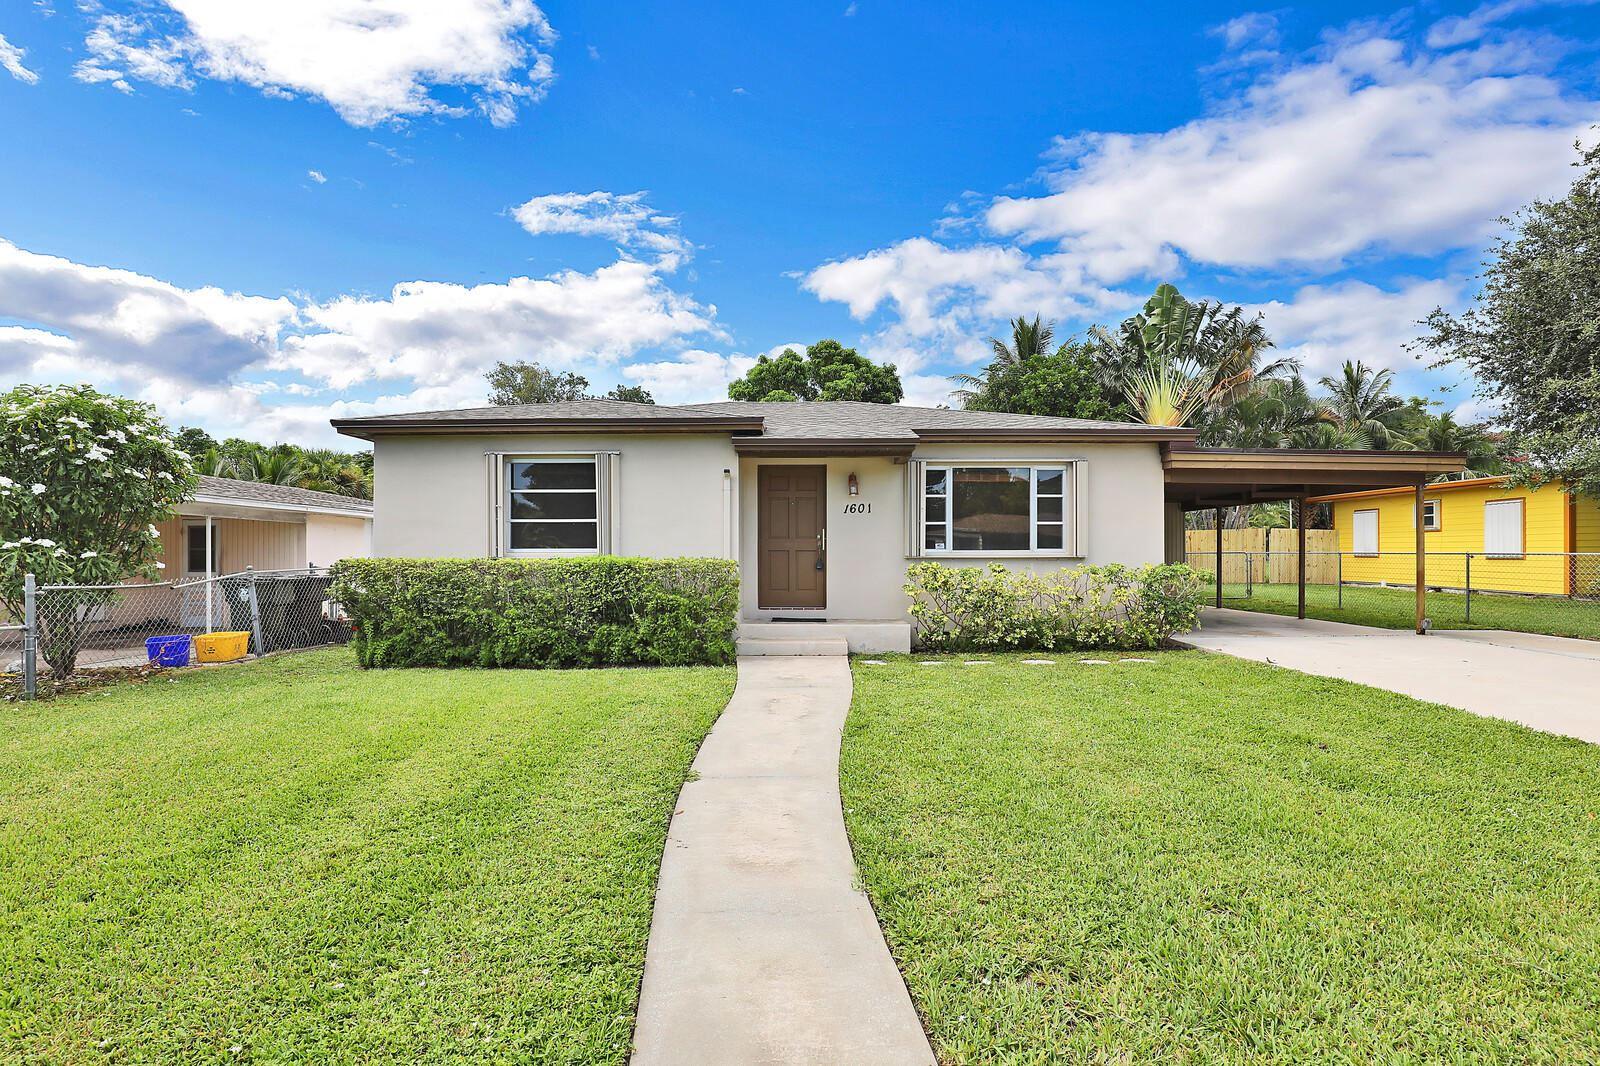 1601 16th Avenue N, Lake Worth, FL 33460 - #: RX-10735320